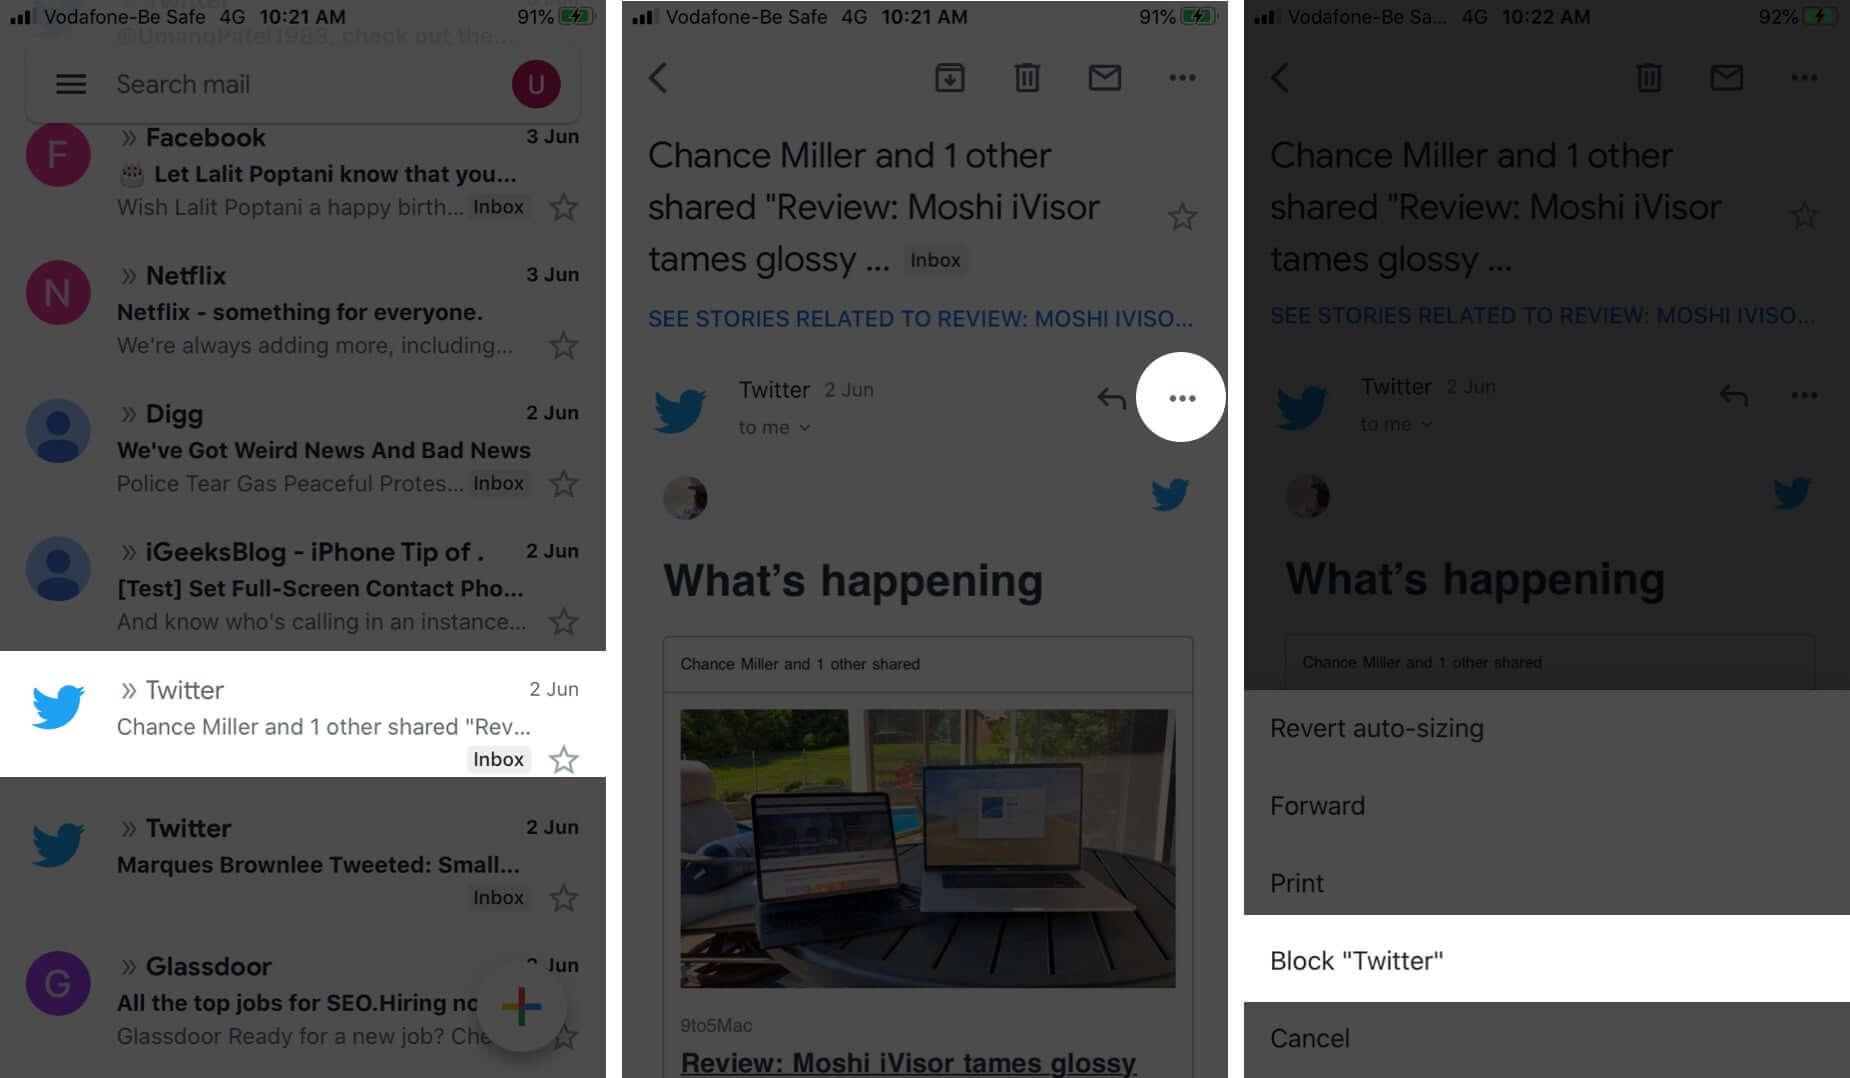 Block Sender in Gmail App on iPhone